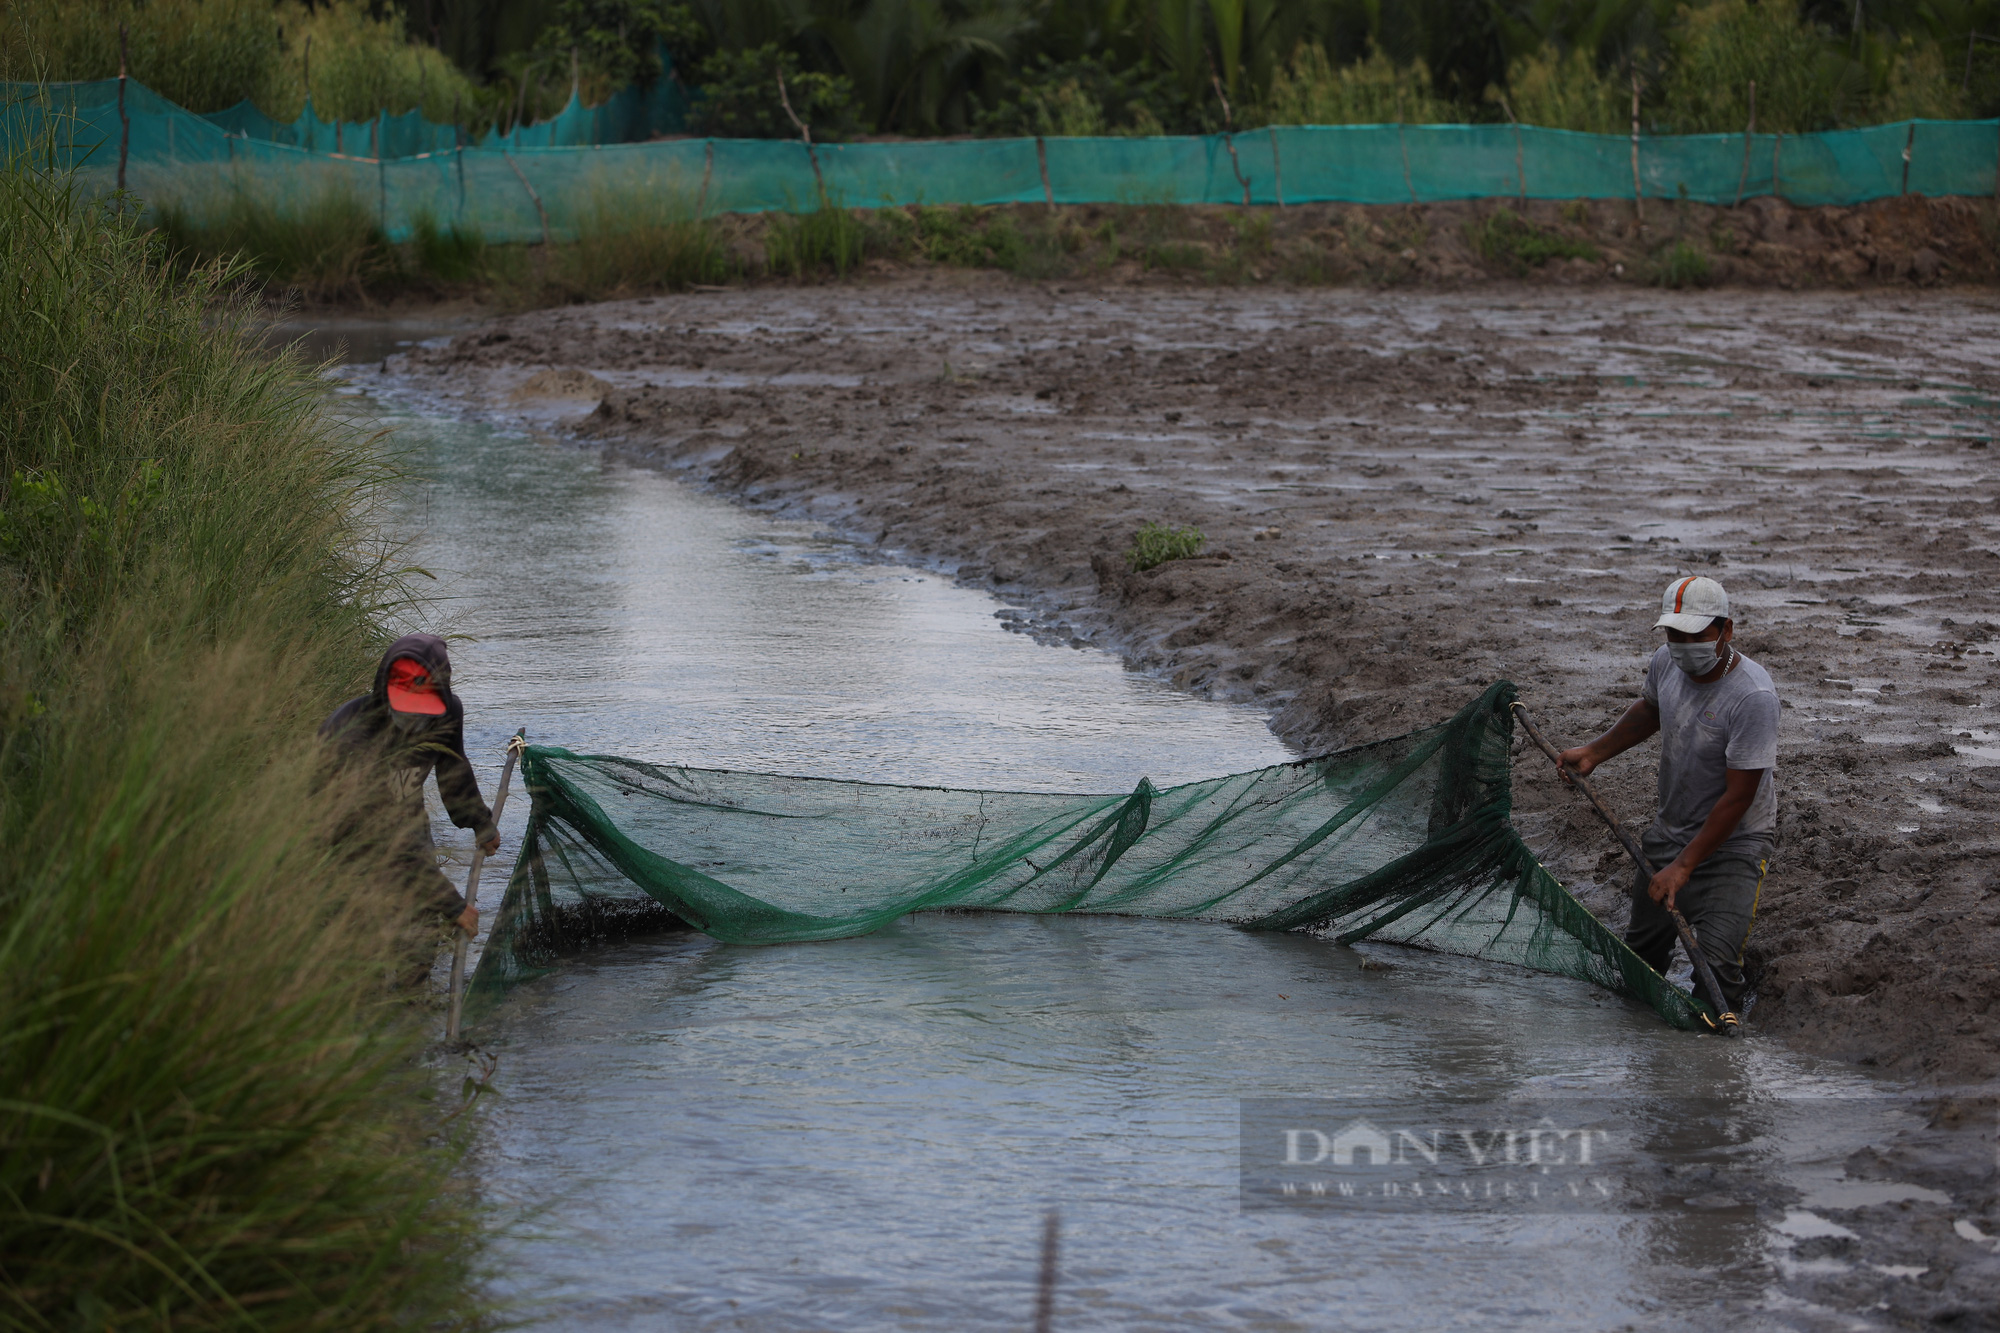 Ảnh: Người dân lao động mò cua, bắt cá lay lắt sống qua ngày tại TP.HCM - Ảnh 1.